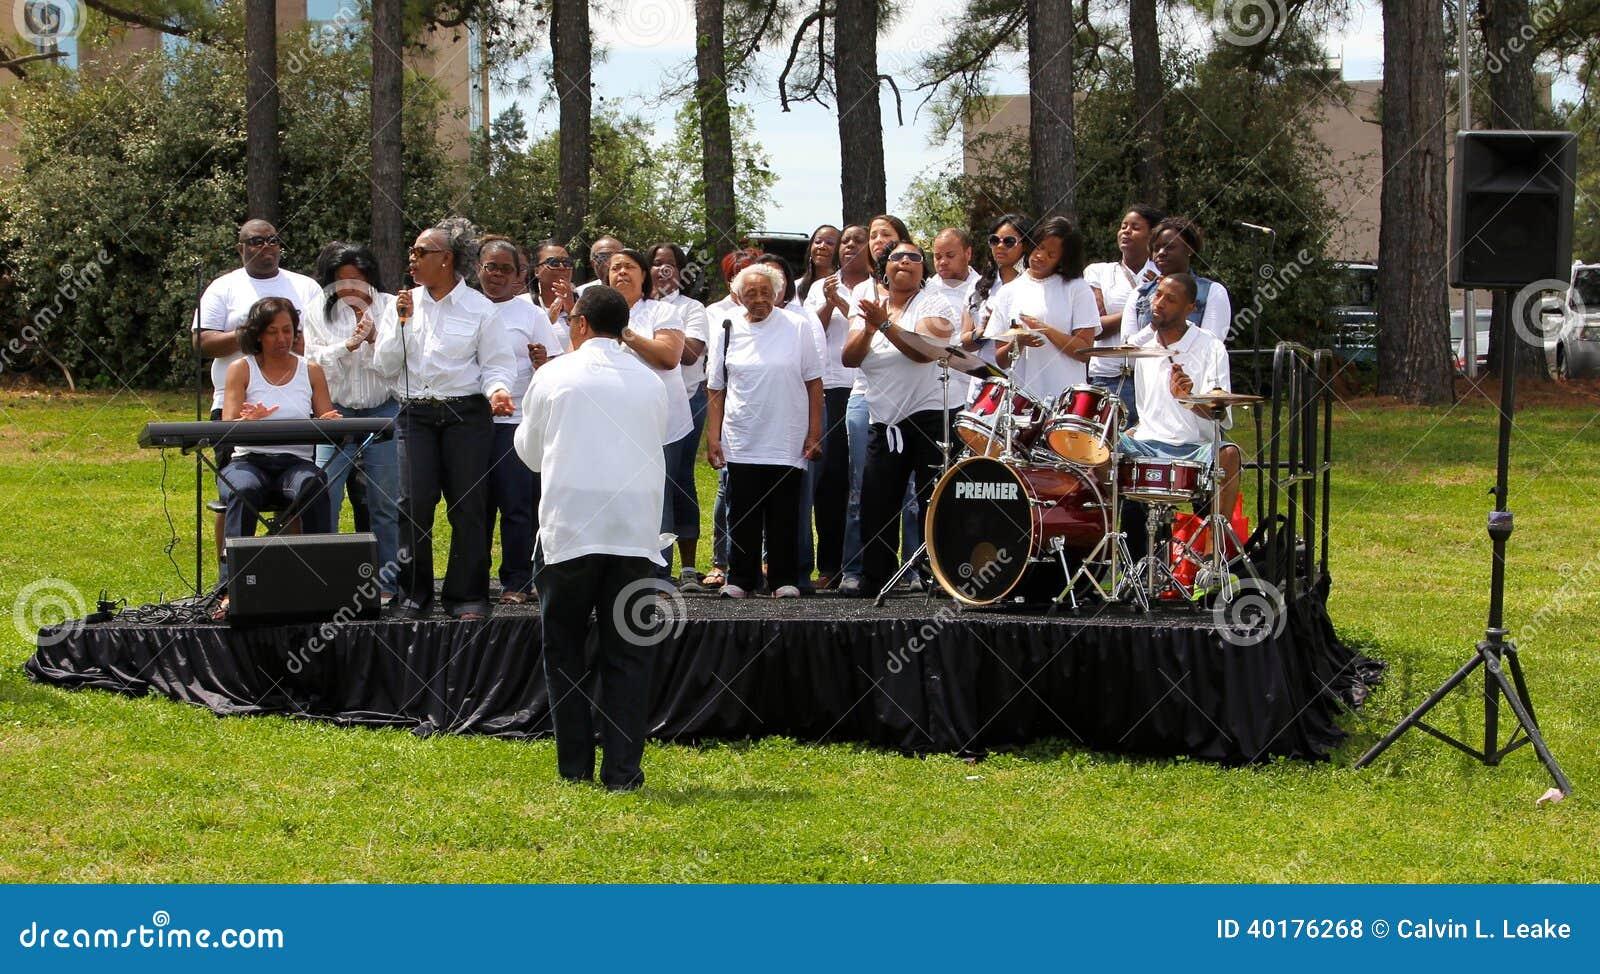 Gospel Choir Performing Outside in Concert